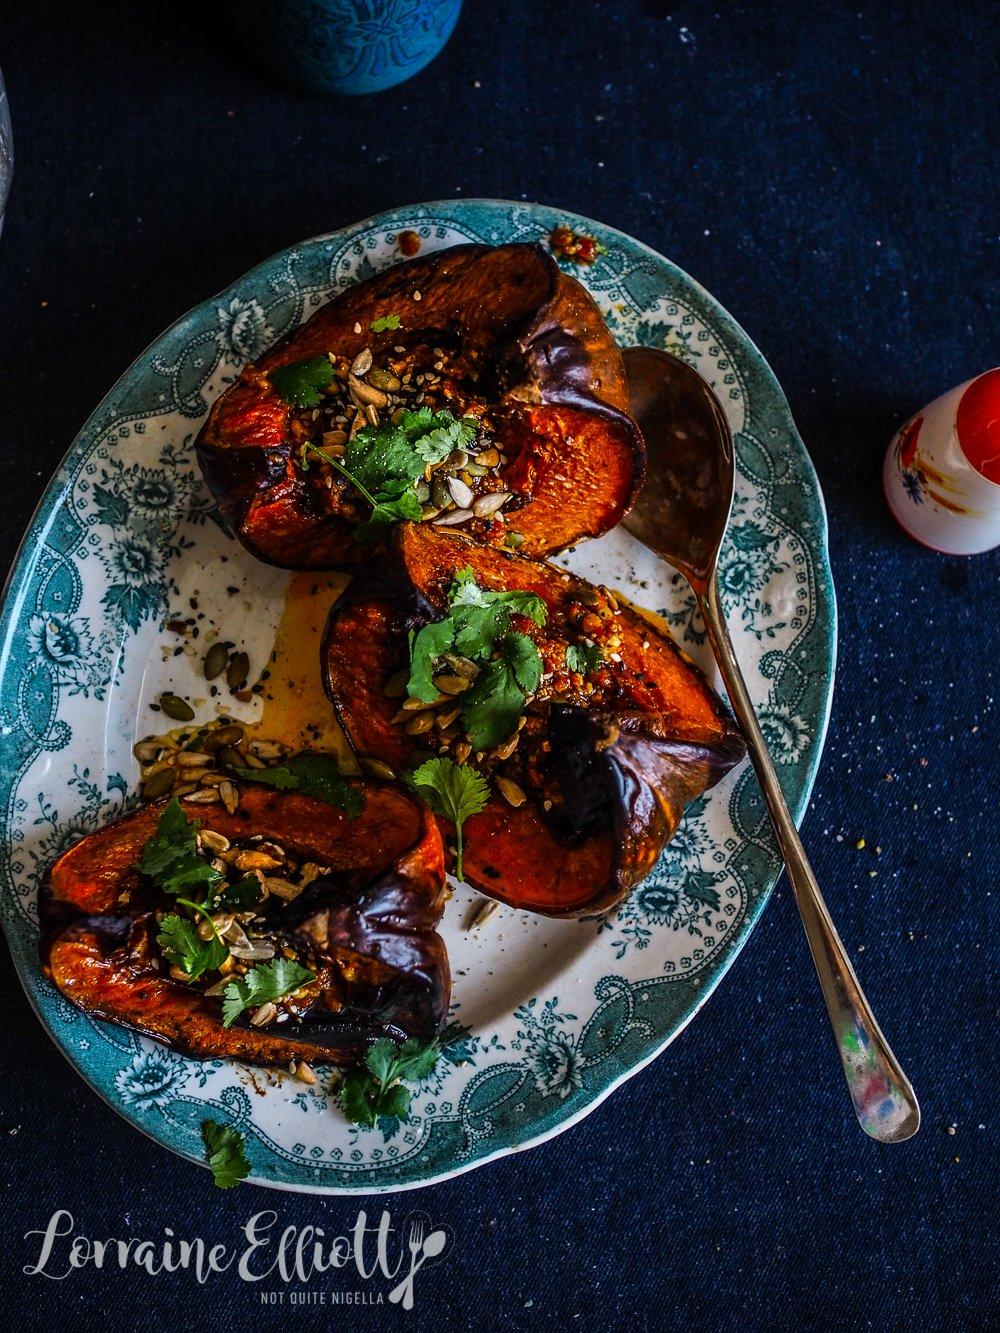 Top 5 Pumpkin Recipes